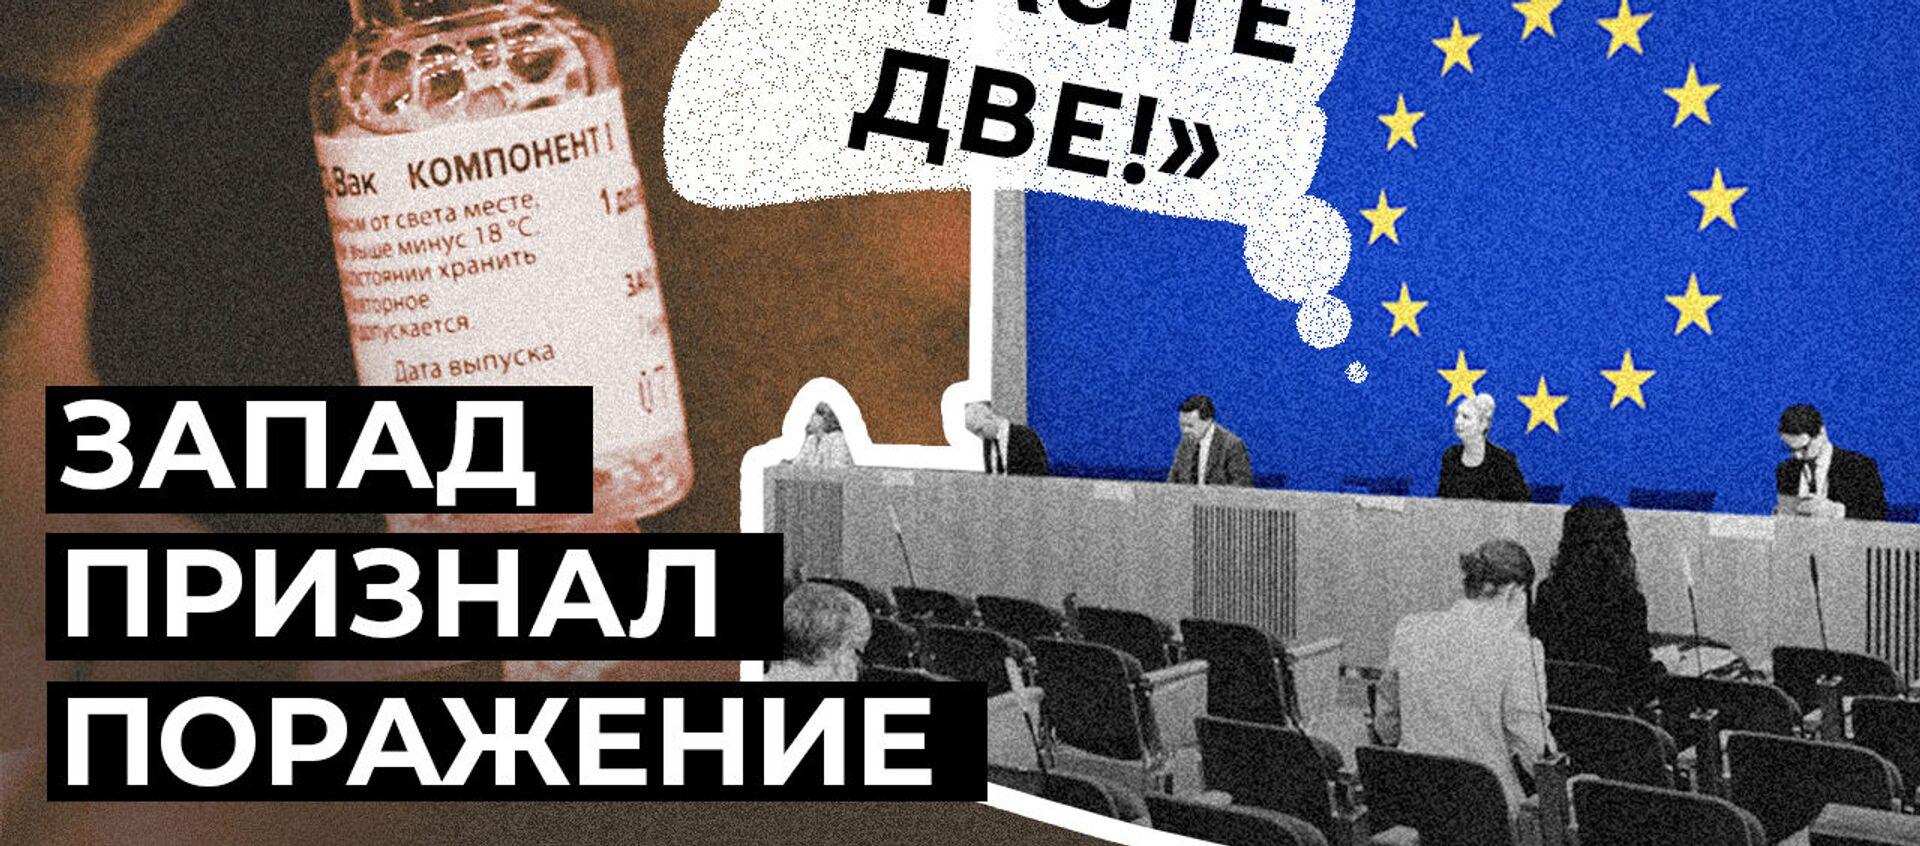 Дефицит вакцин заставил ЕС присмотреться к Спутнику V - Sputnik Азербайджан, 1920, 15.02.2021